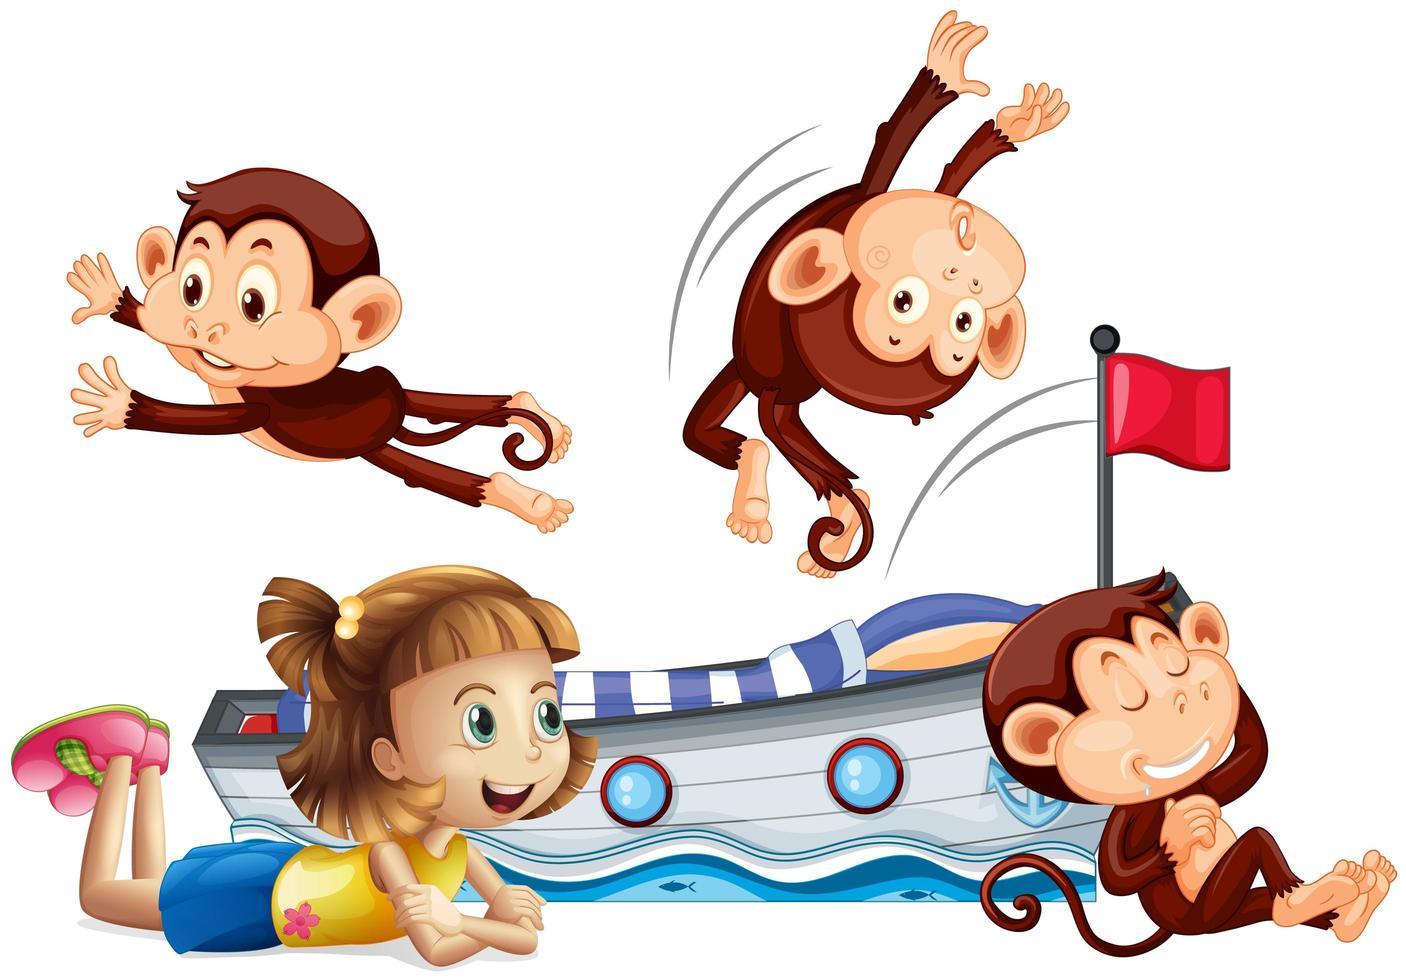 fille et singes sautant heureux vecteur